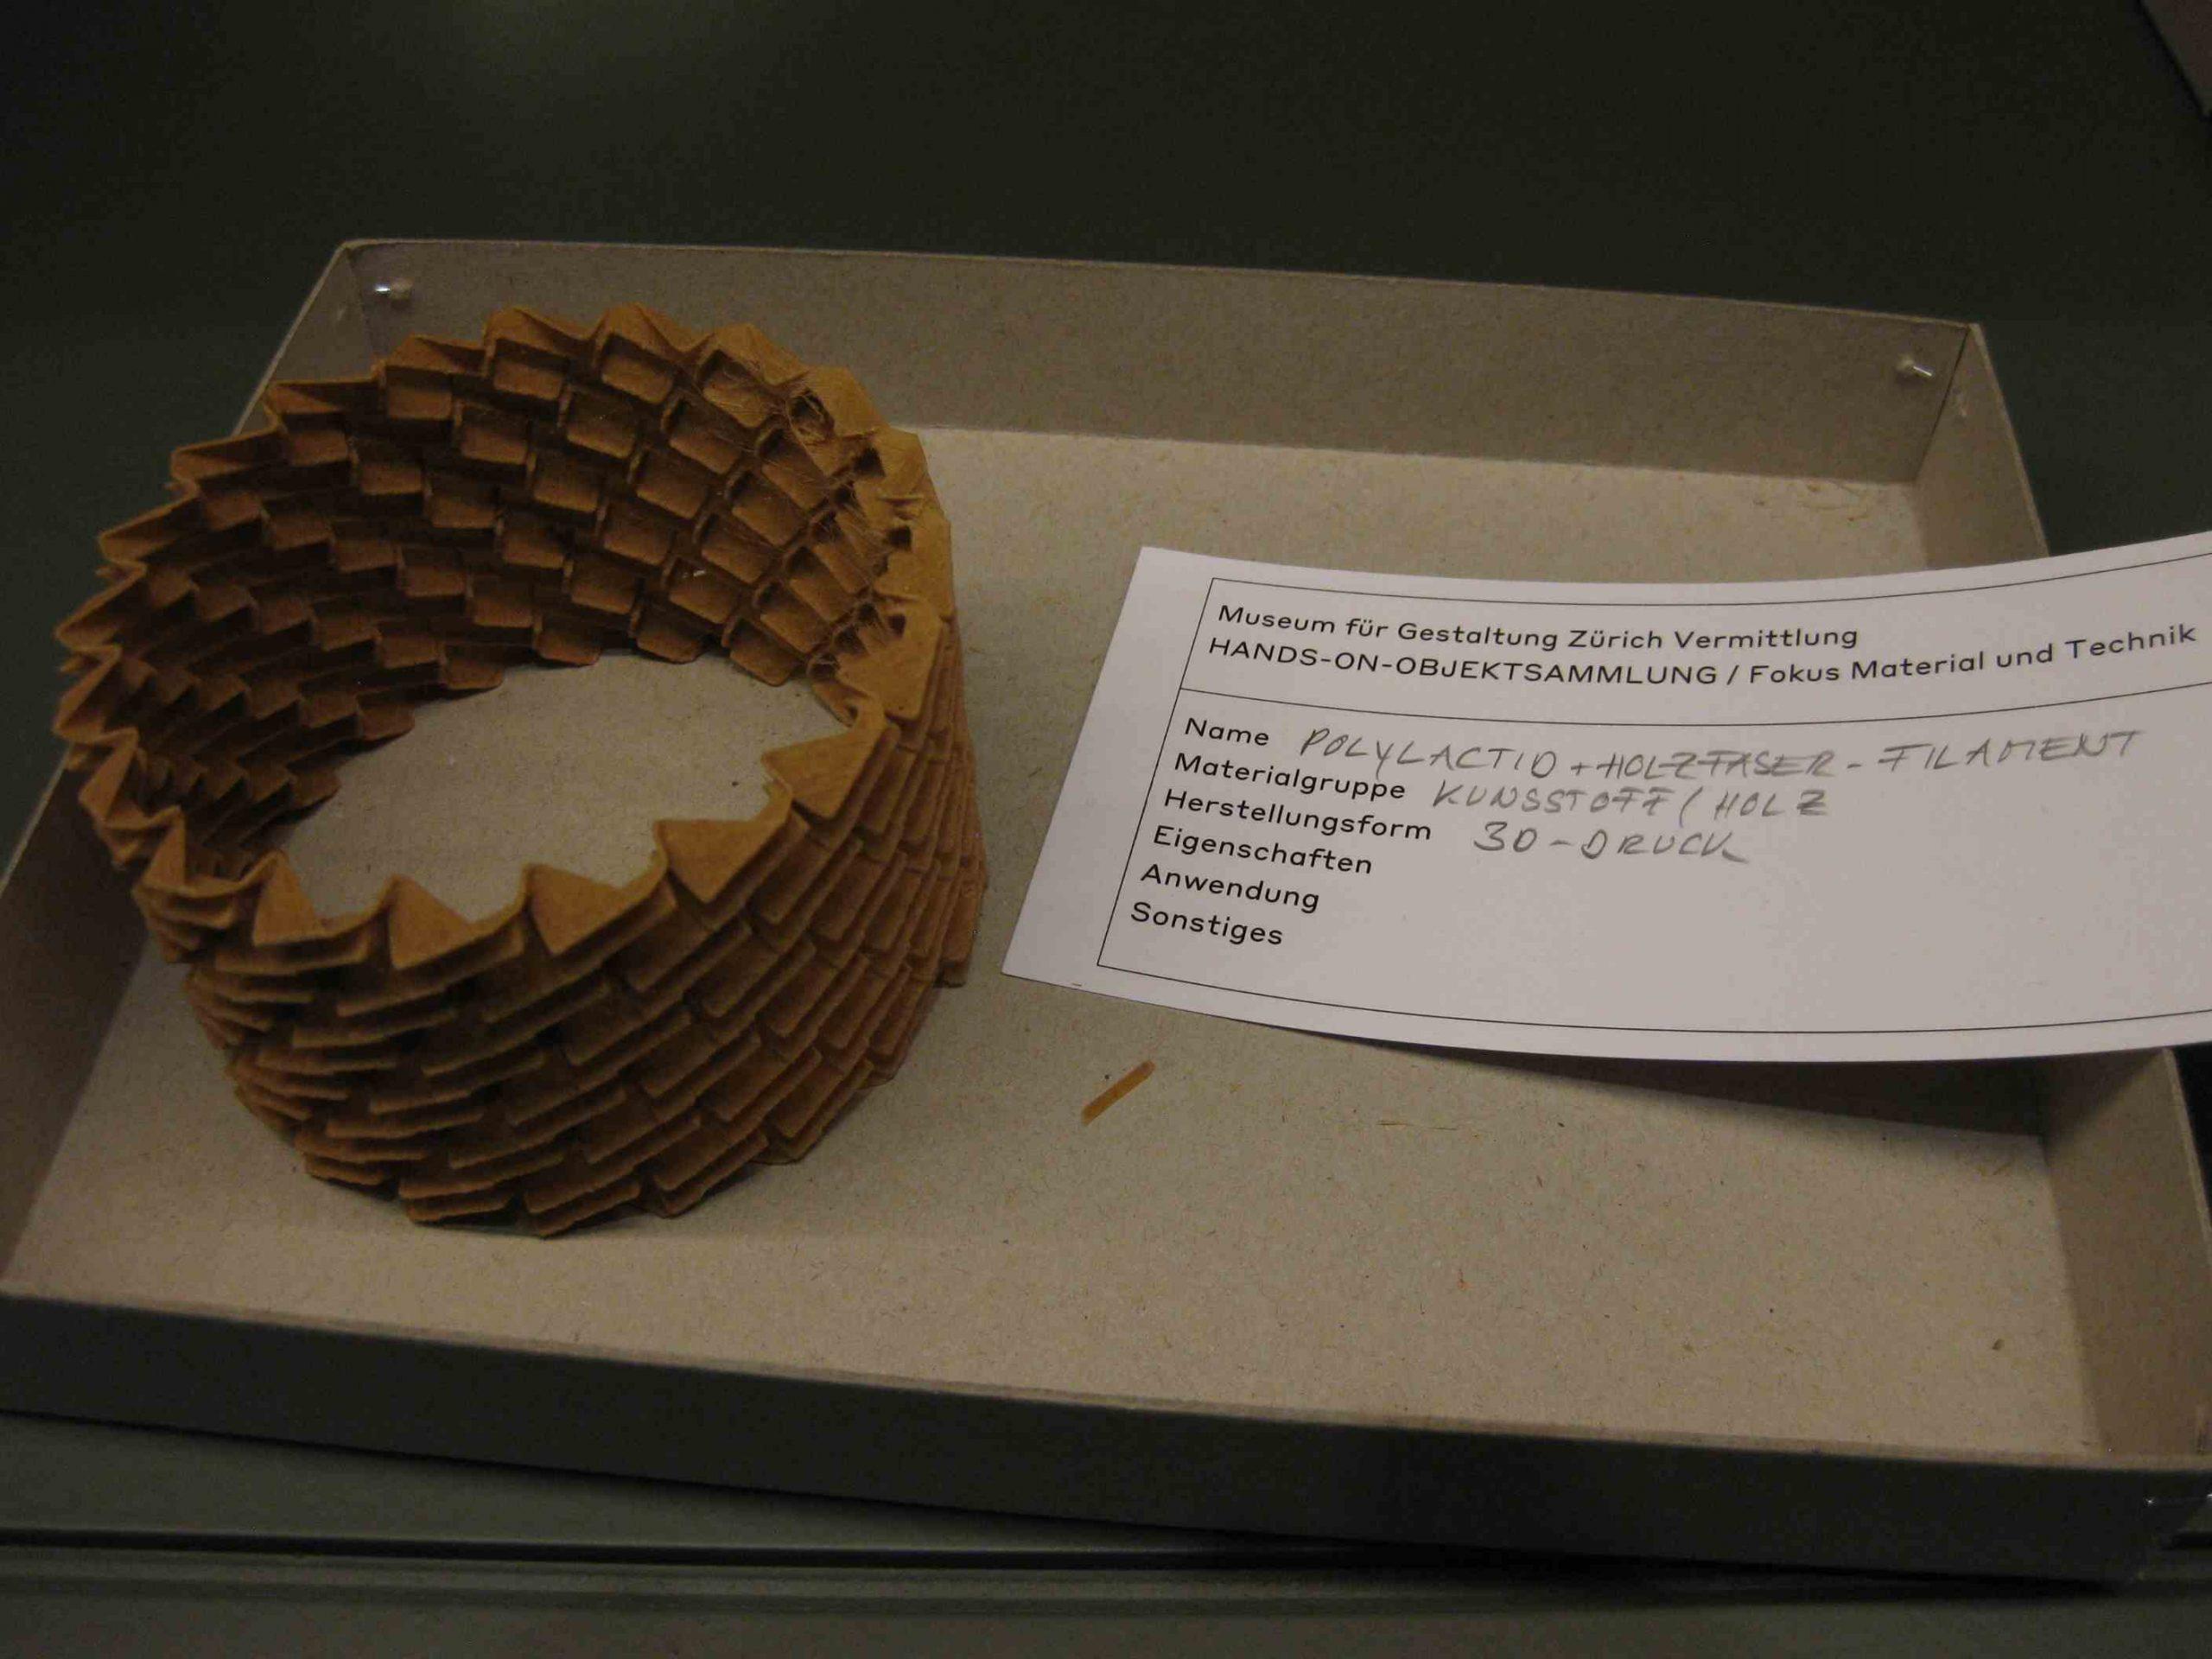 Zürich Museum für Gestaltung Bioplastik